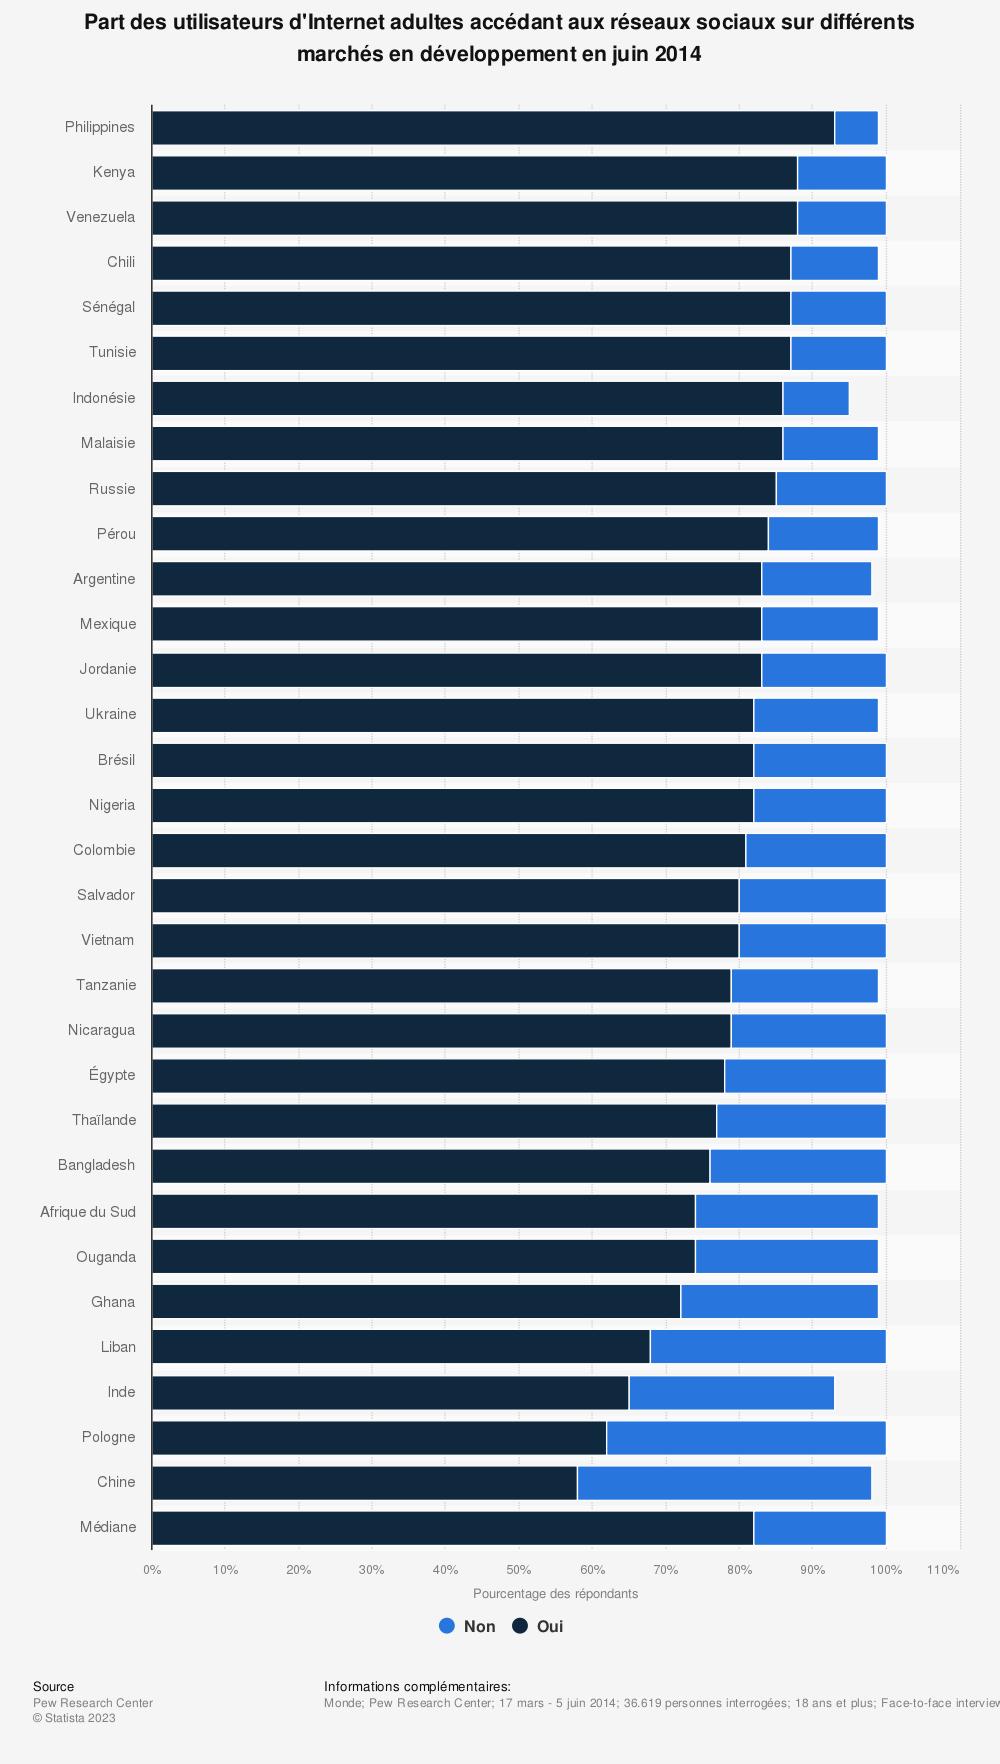 Statistique: Part des utilisateurs d'Internet adultes accédant aux réseaux sociaux sur différents marchés en développement en juin 2014 | Statista